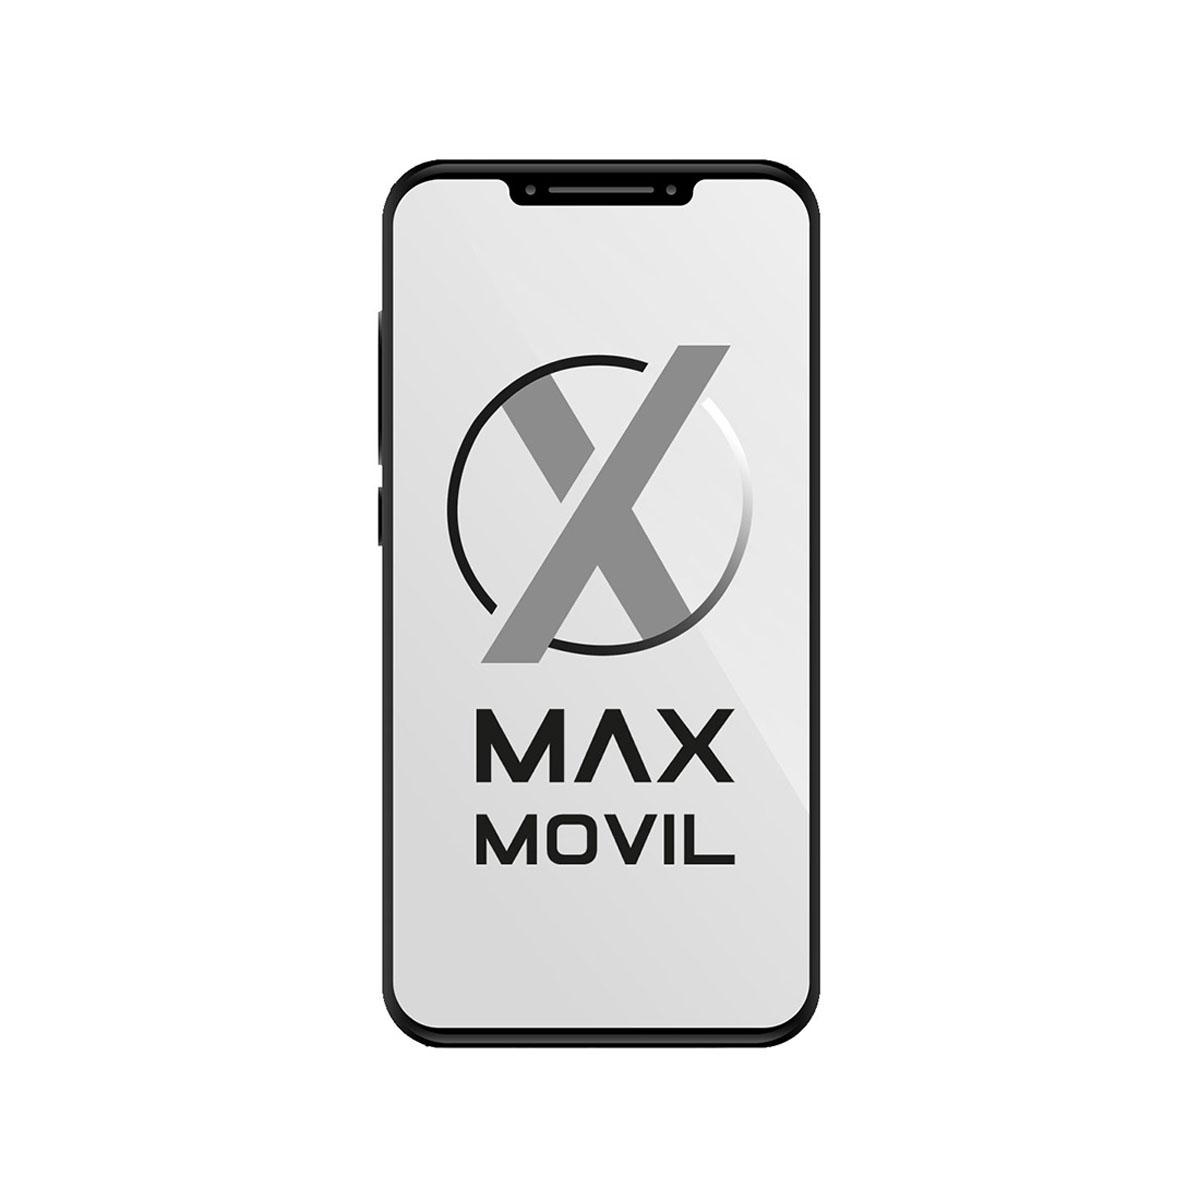 """Telefono Movil Gigaset GS270 5.2"""" 2+16GB 4G 5000 mAh libre gris"""